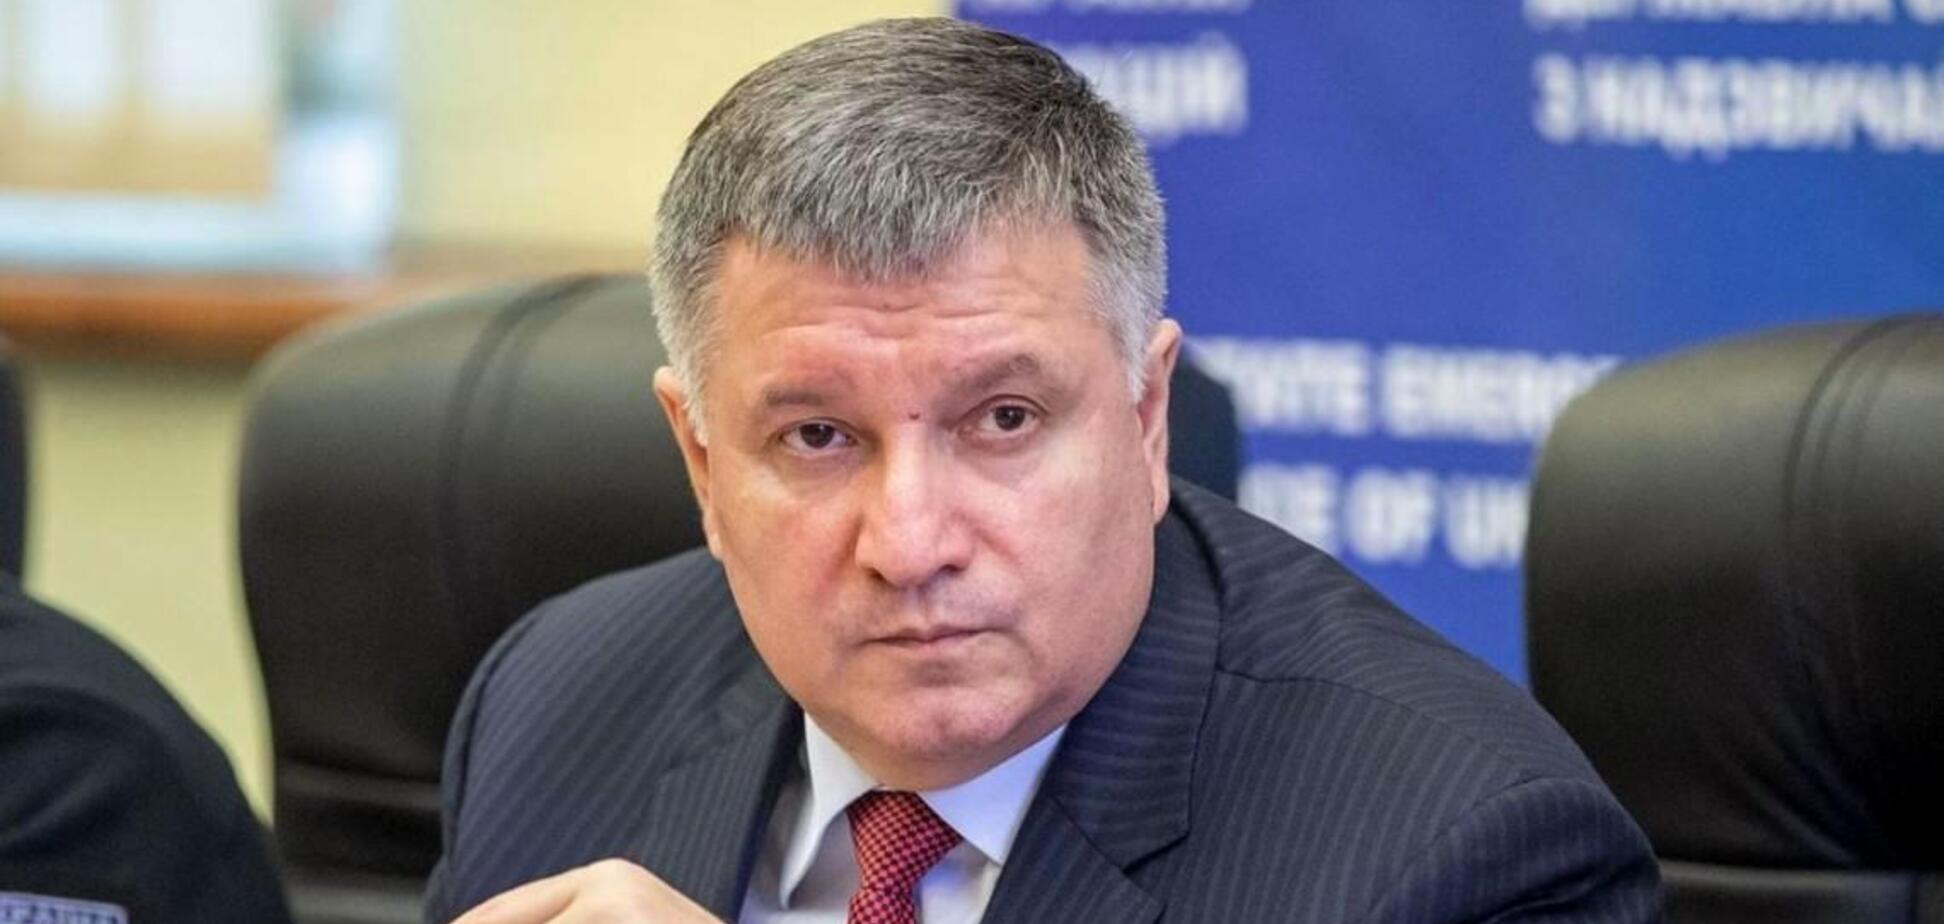 Аваков заявив, що Україна зацікавлена в екстрадиції вагнерівців